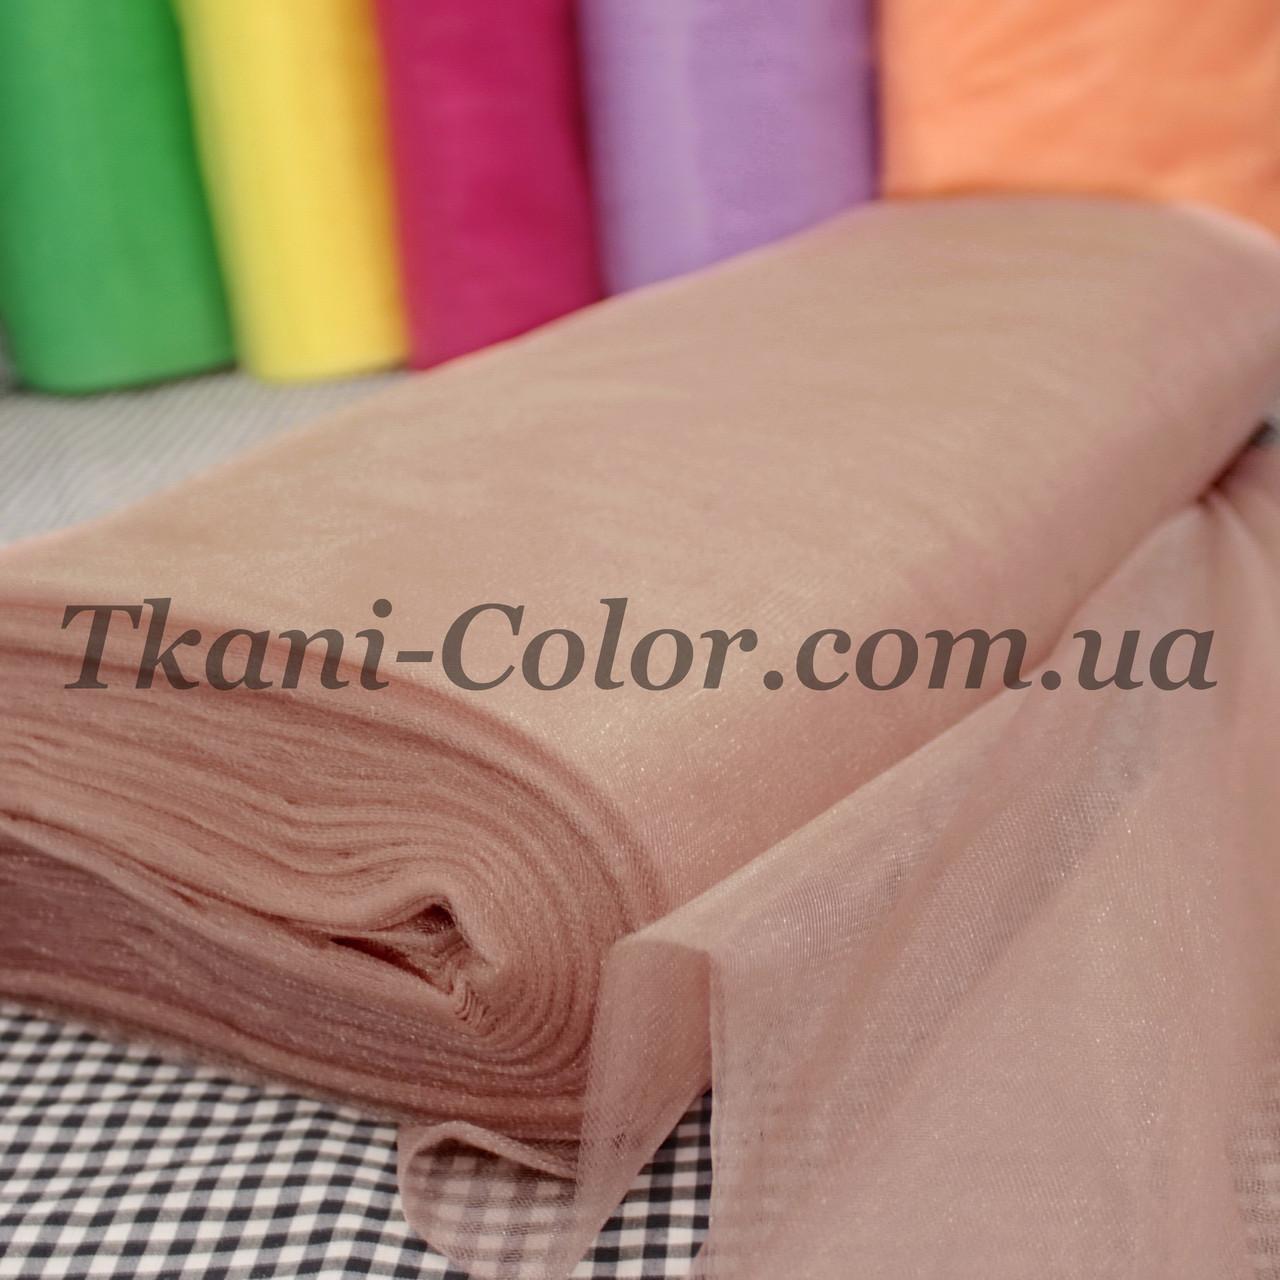 Ткань фатин средней жесткости фрез